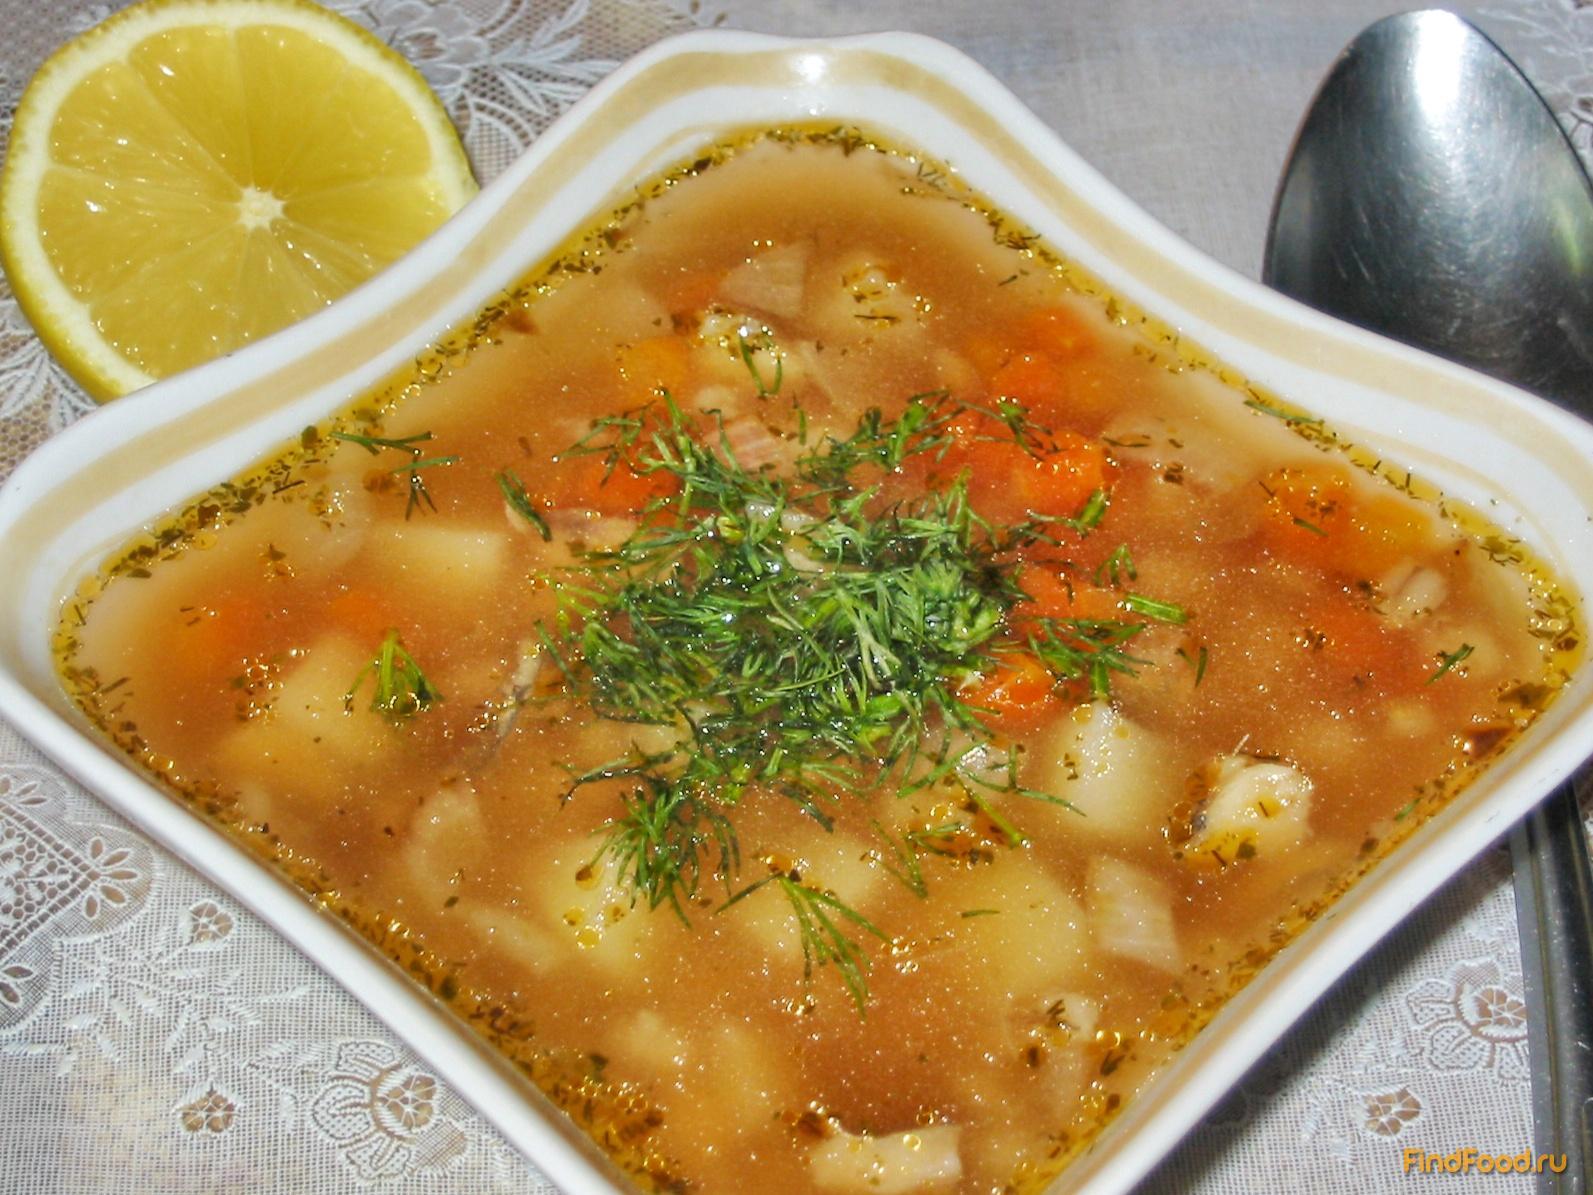 Суп рыбный из консервов горбуши и перловки